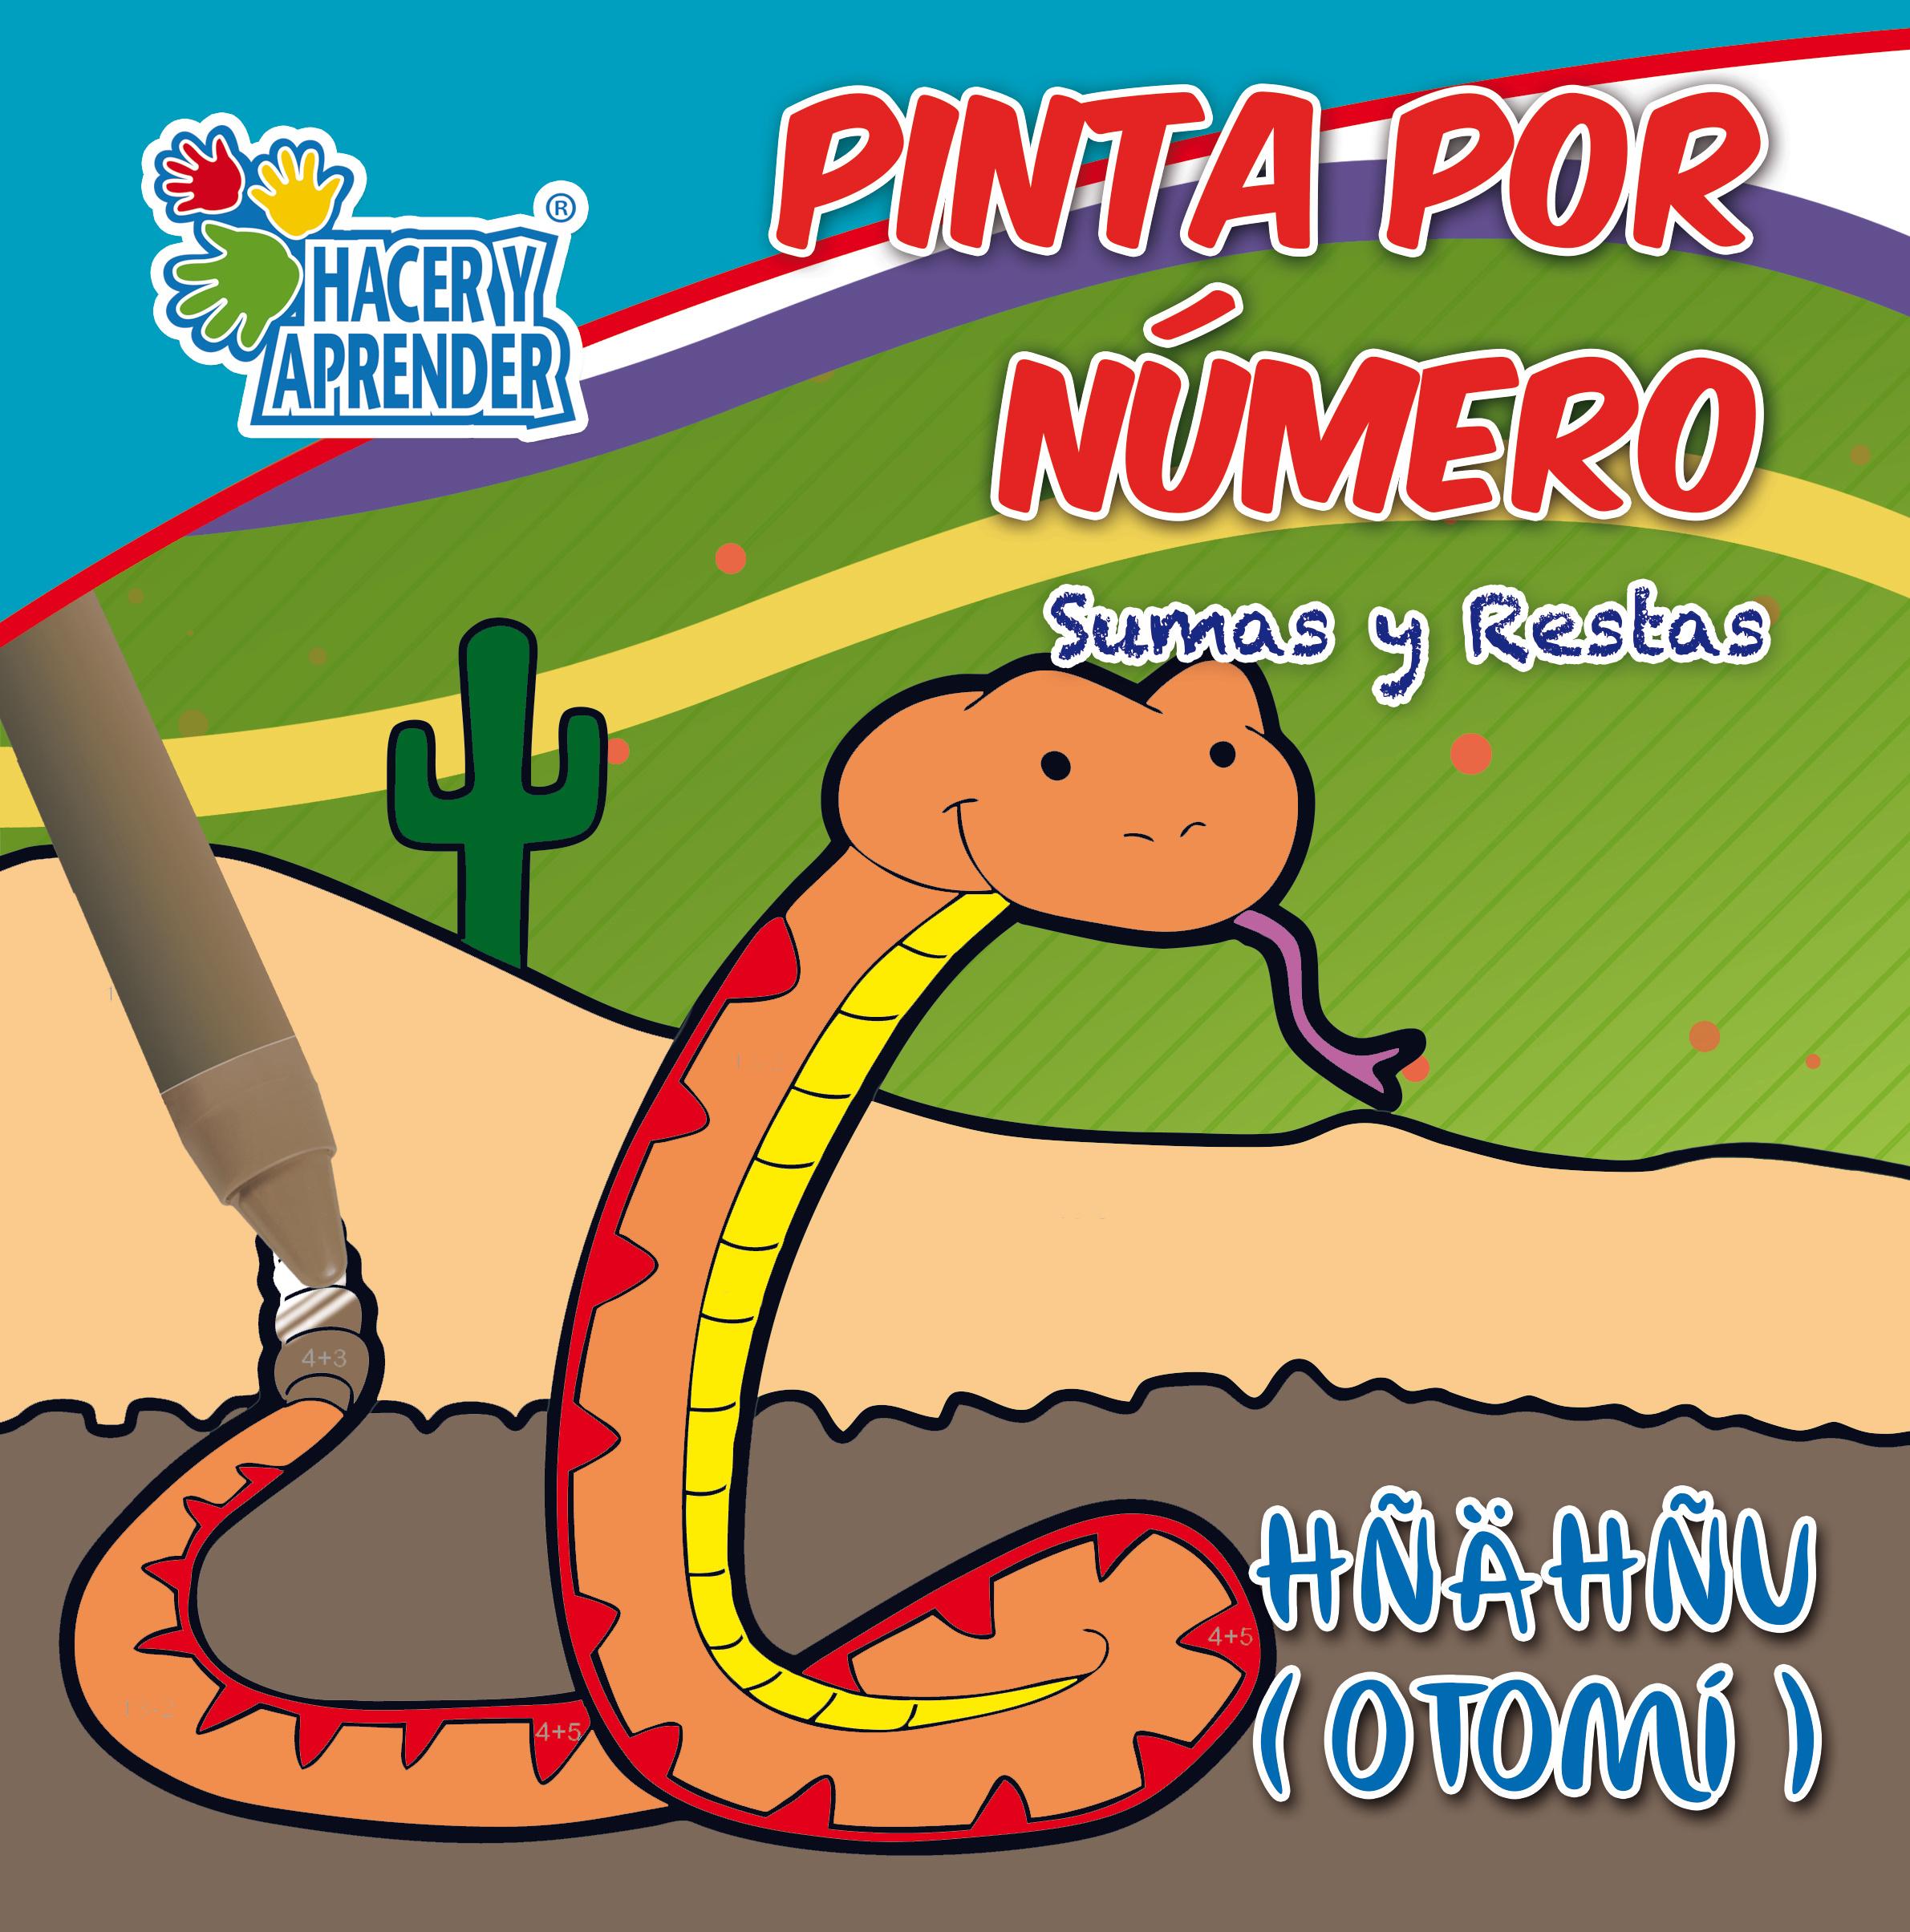 7016 PINTA POR NUMERO OTOMI